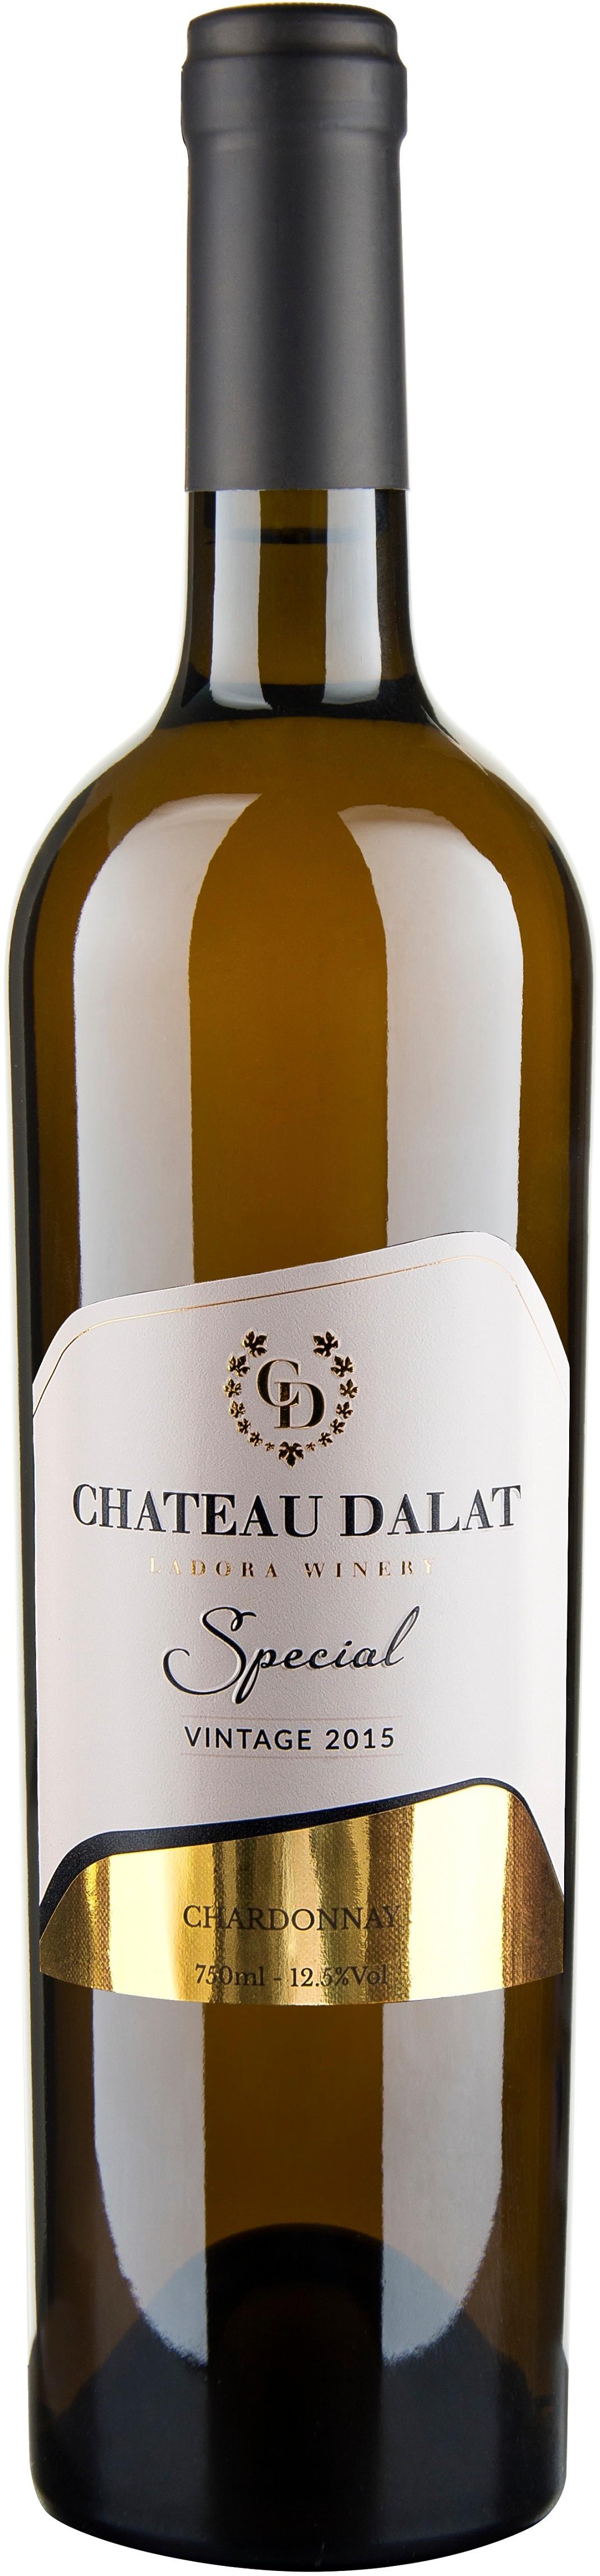 Kết quả hình ảnh cho vang chateau dalat special chardonnay